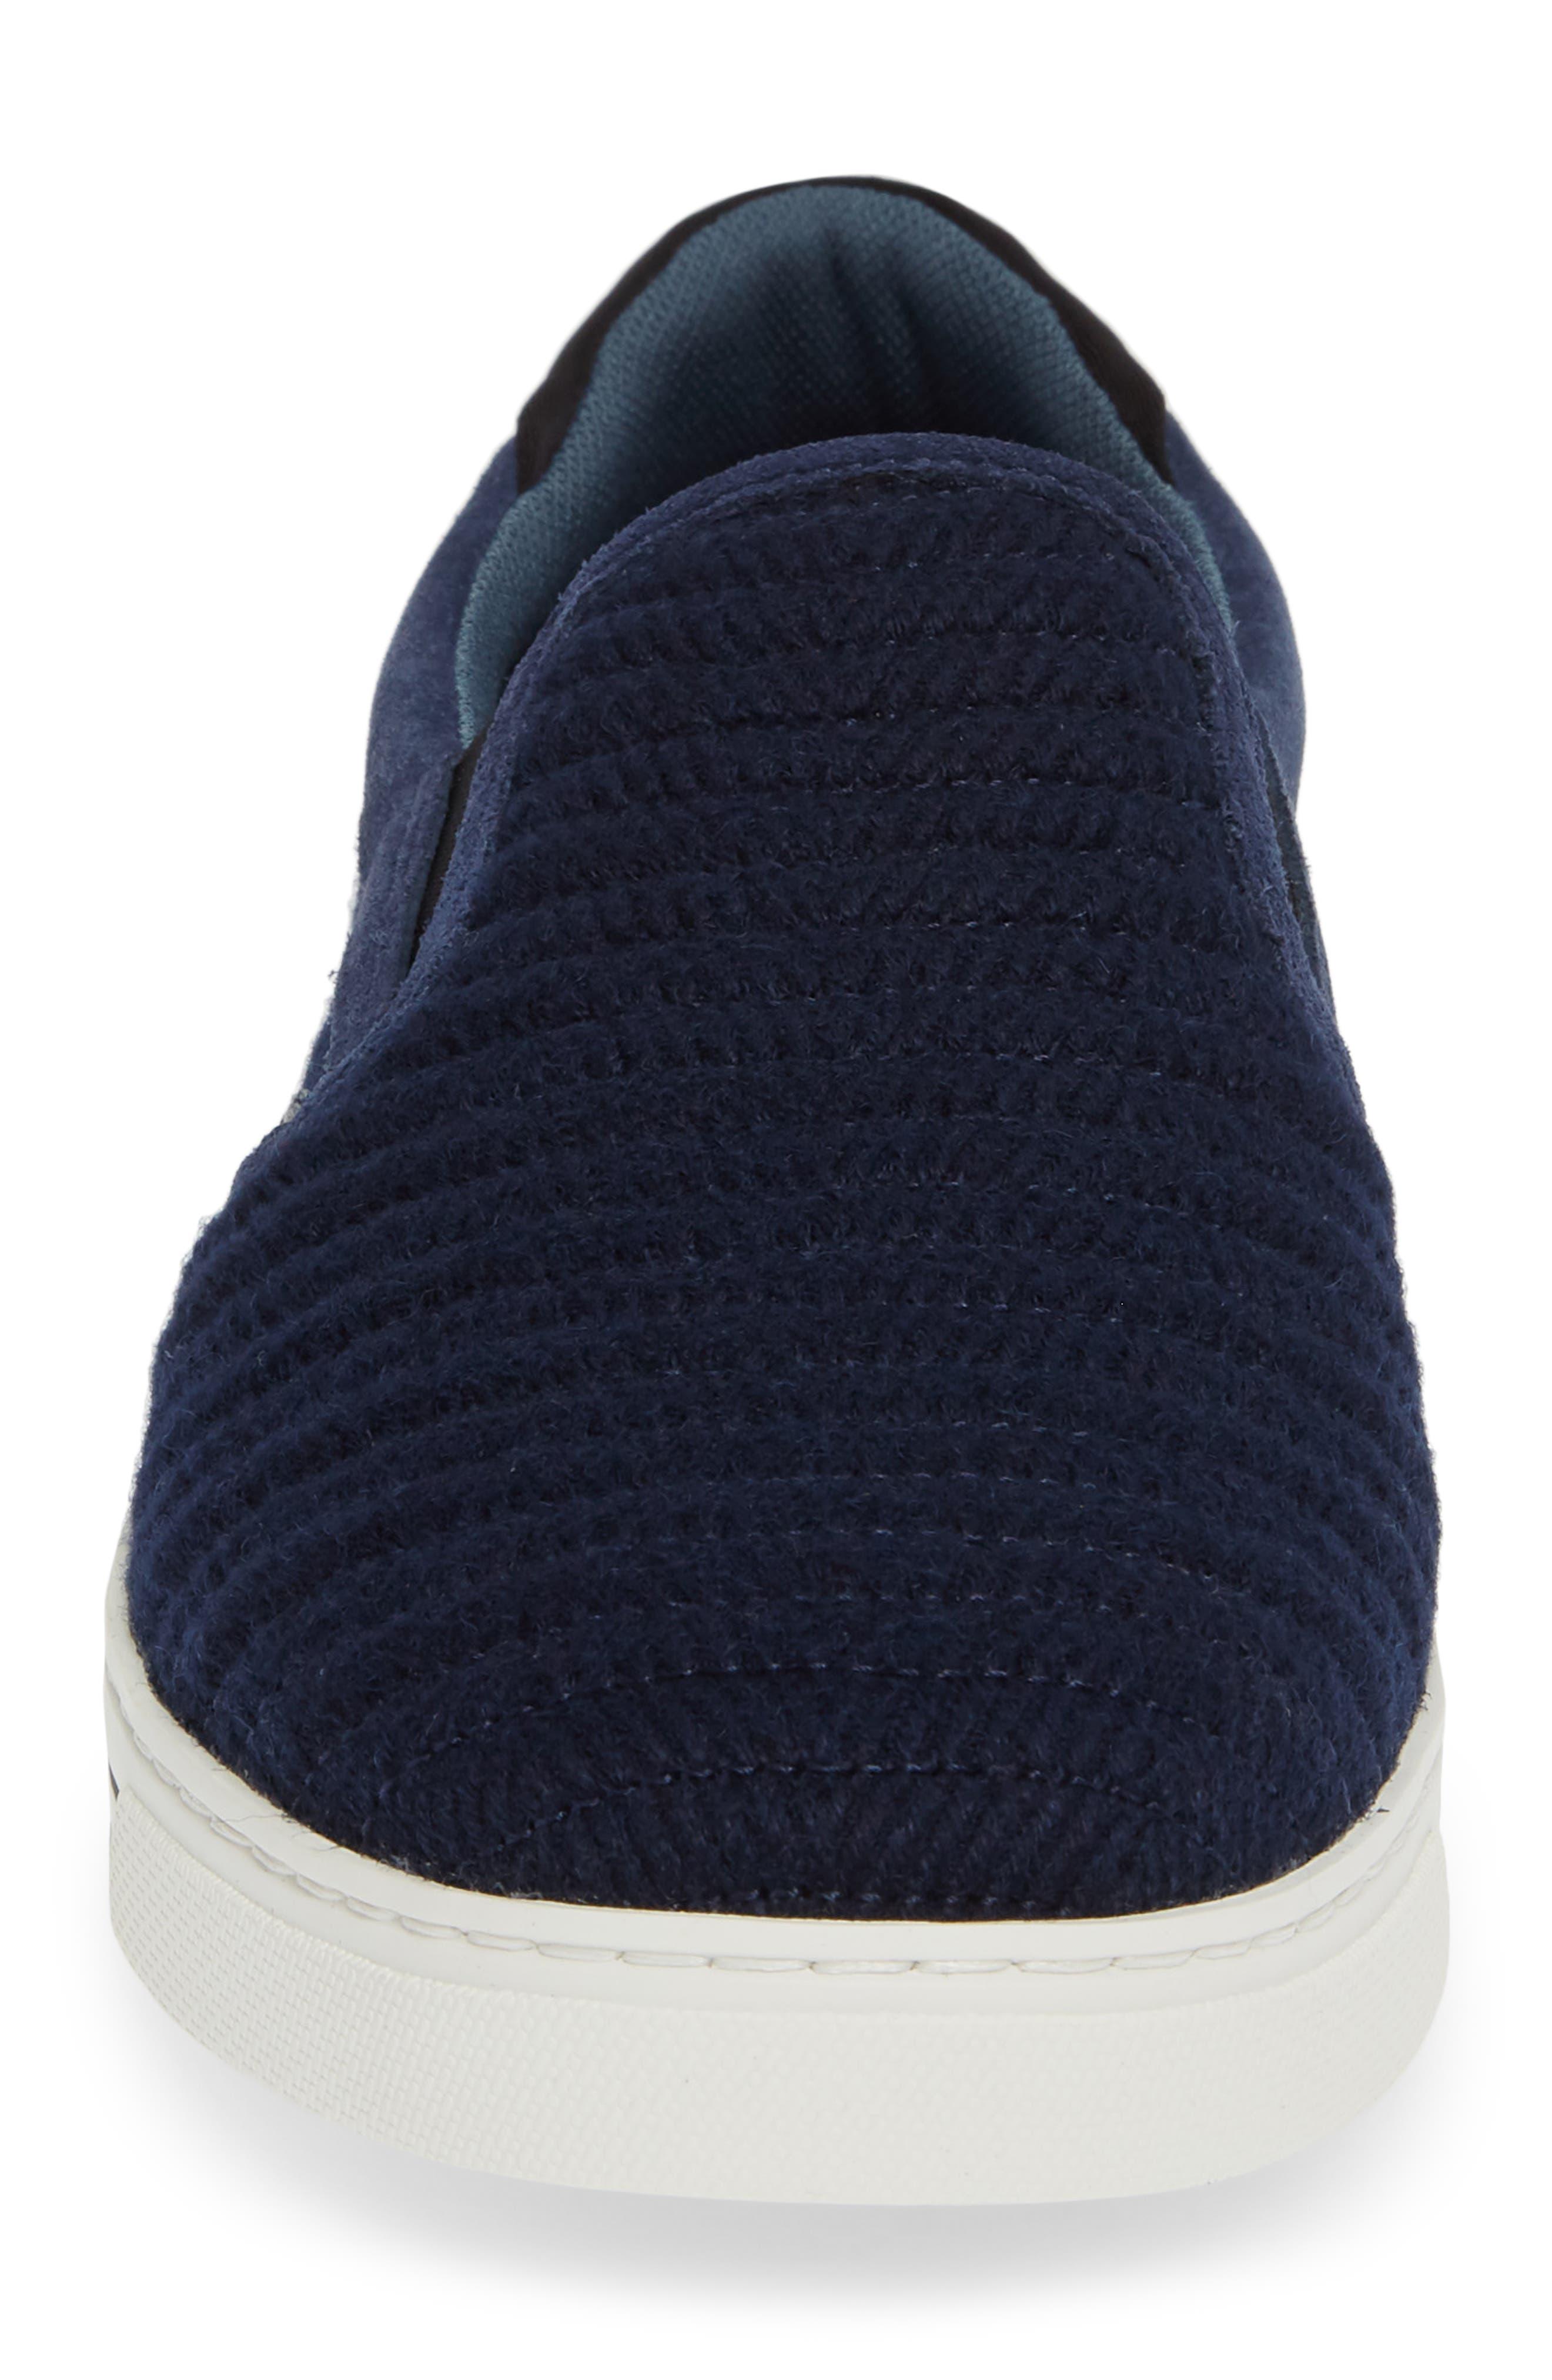 Daniam Slip-On Sneaker,                             Alternate thumbnail 4, color,                             DARK BLUE WOOL